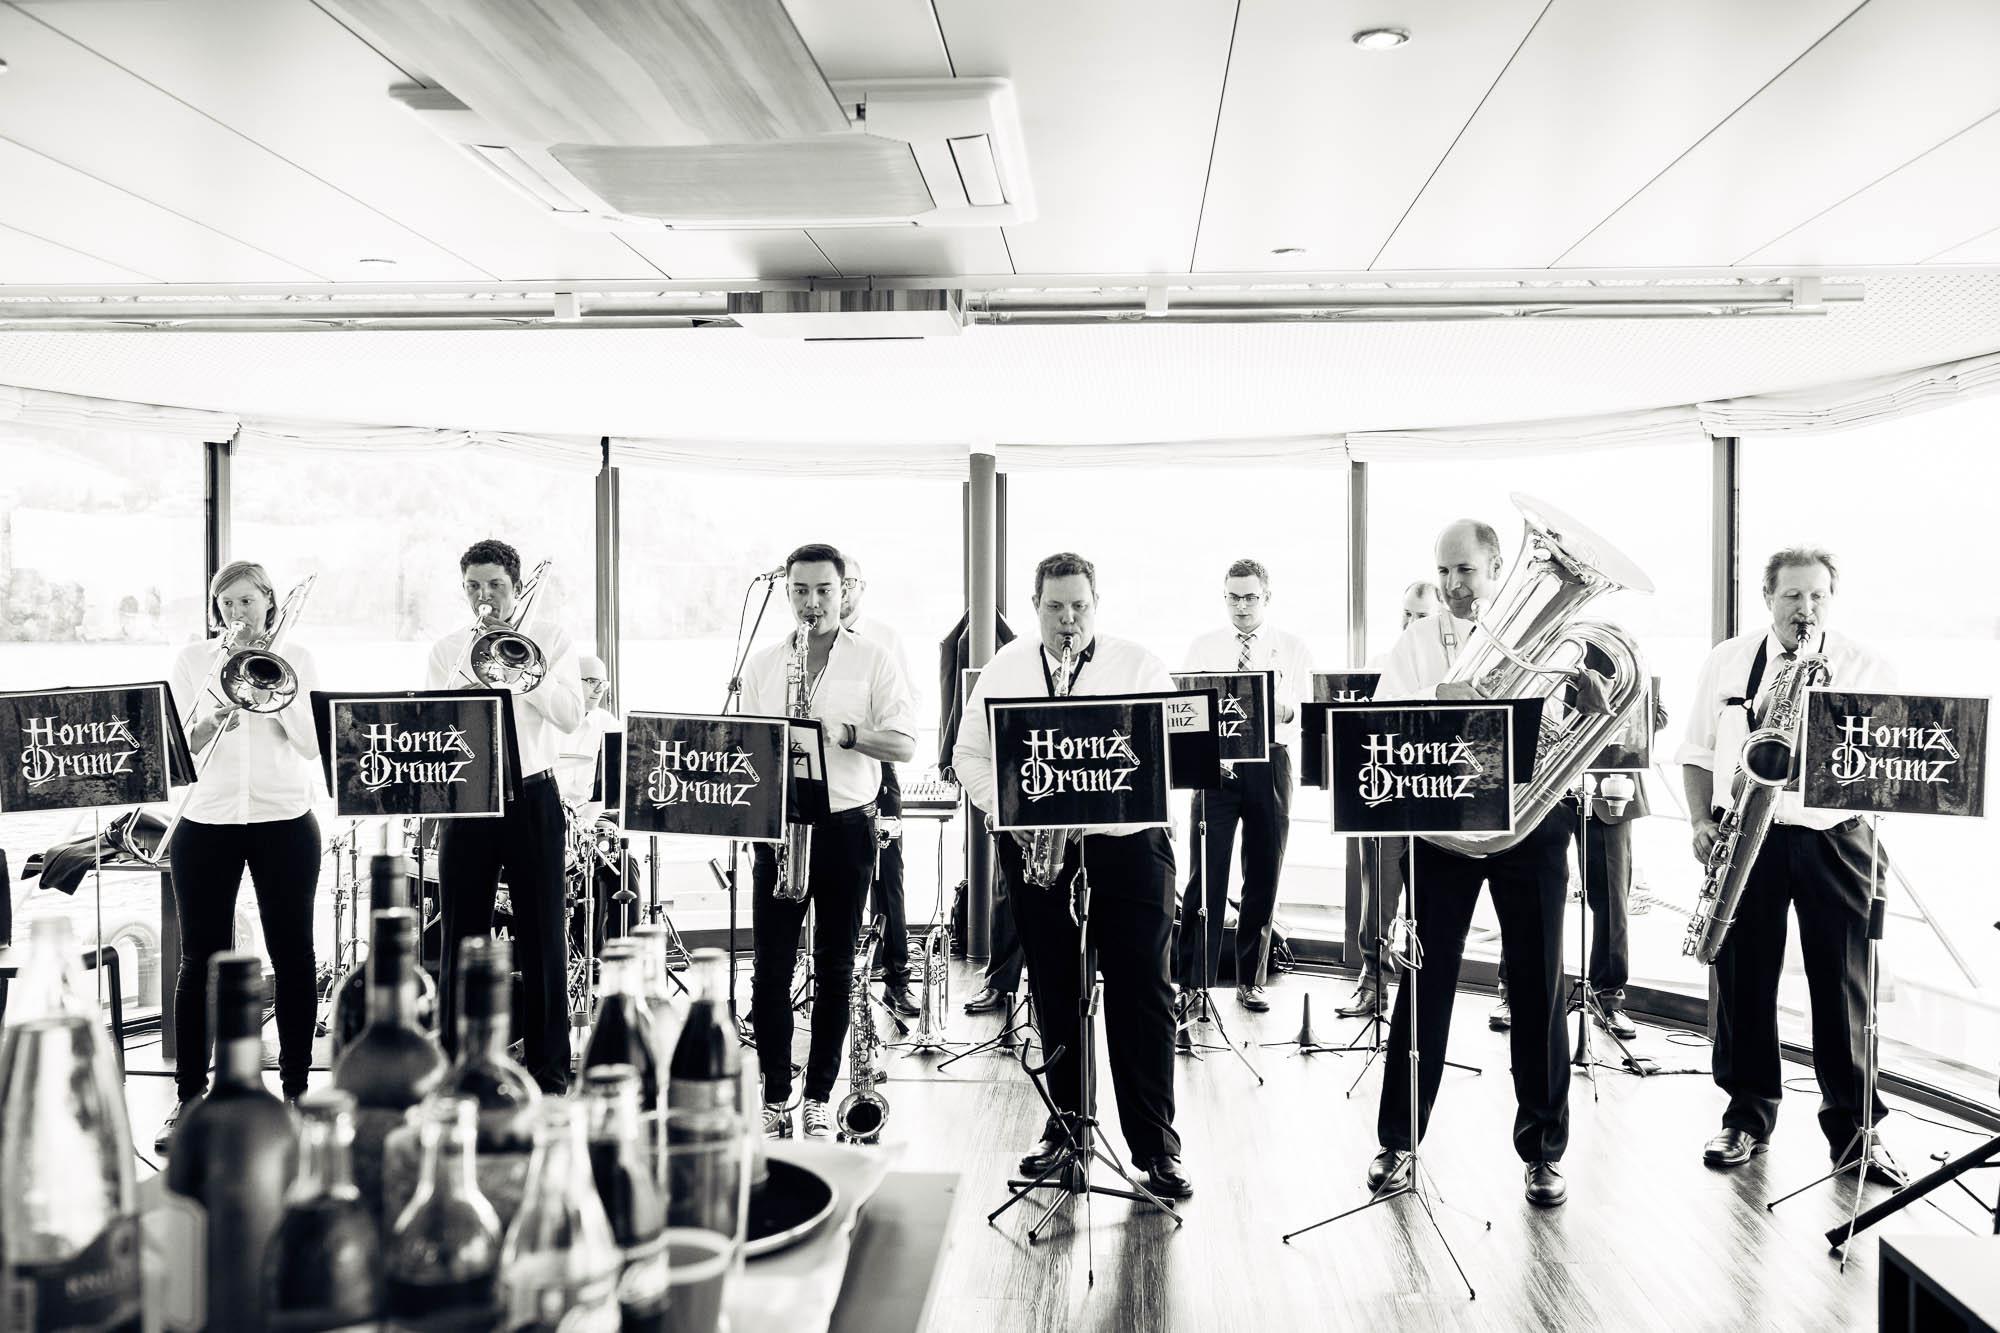 Brassband spielt auf Schiff an Hochzeit